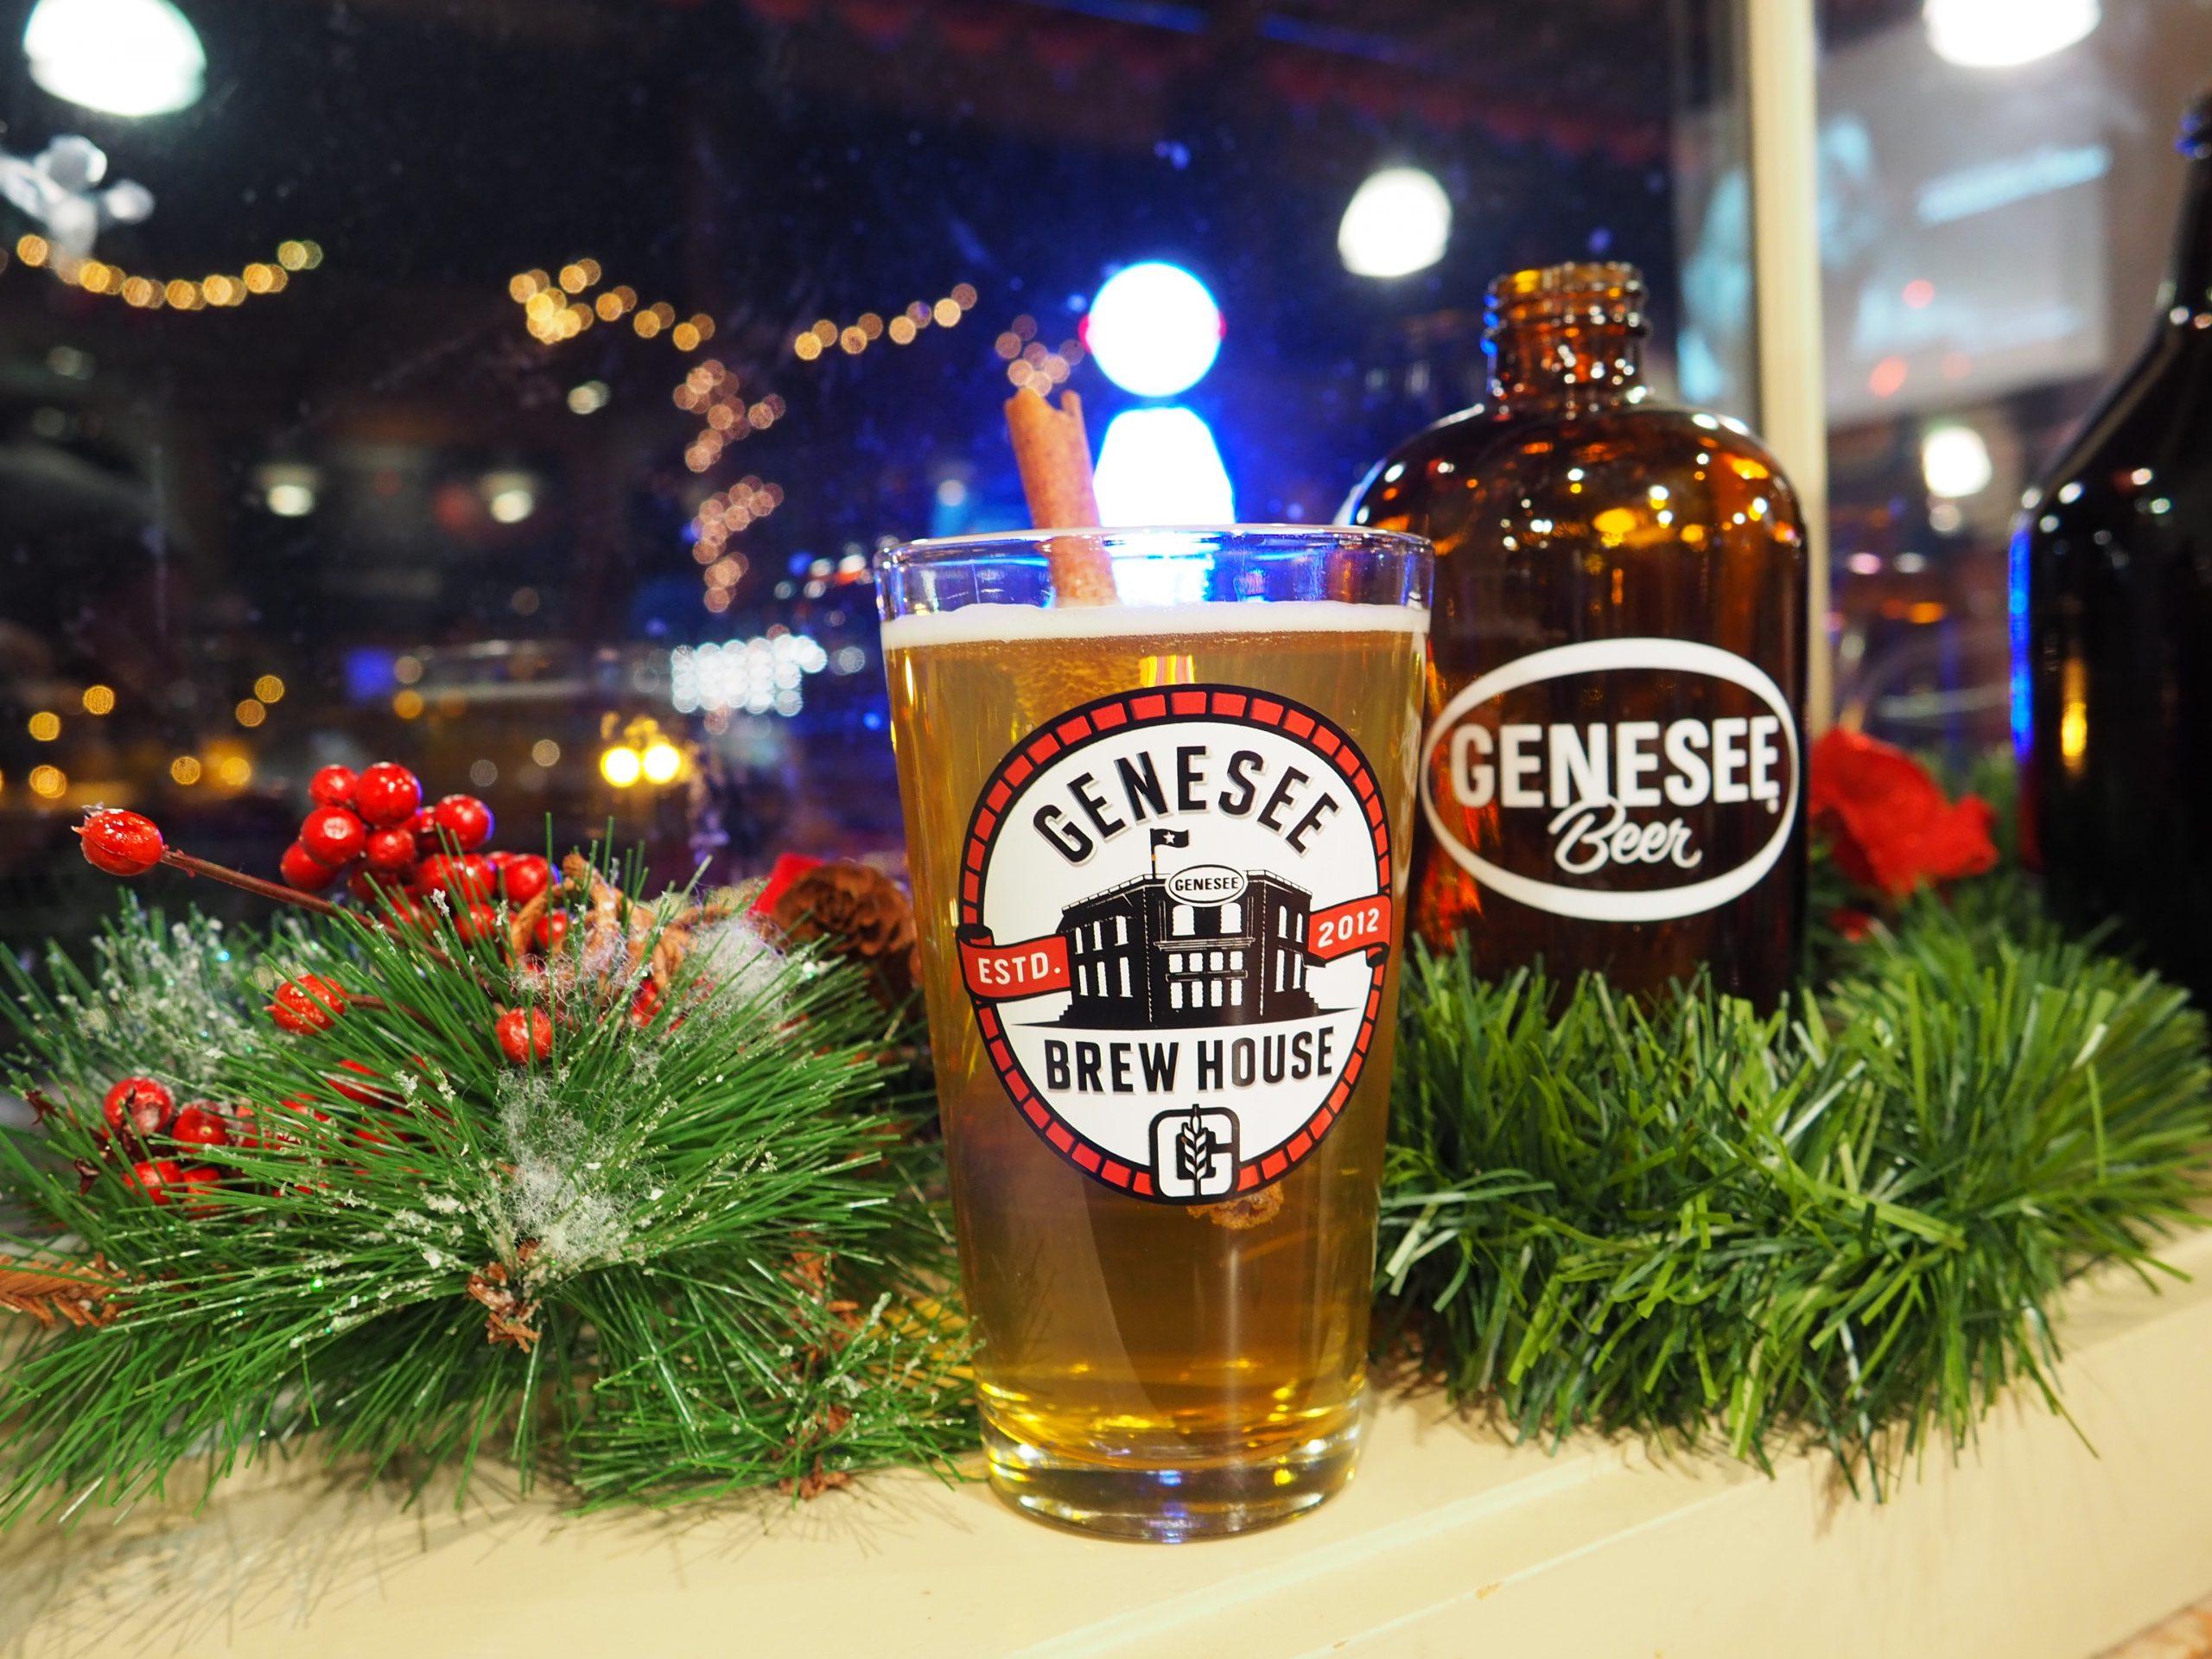 Genesee Christmas Ale